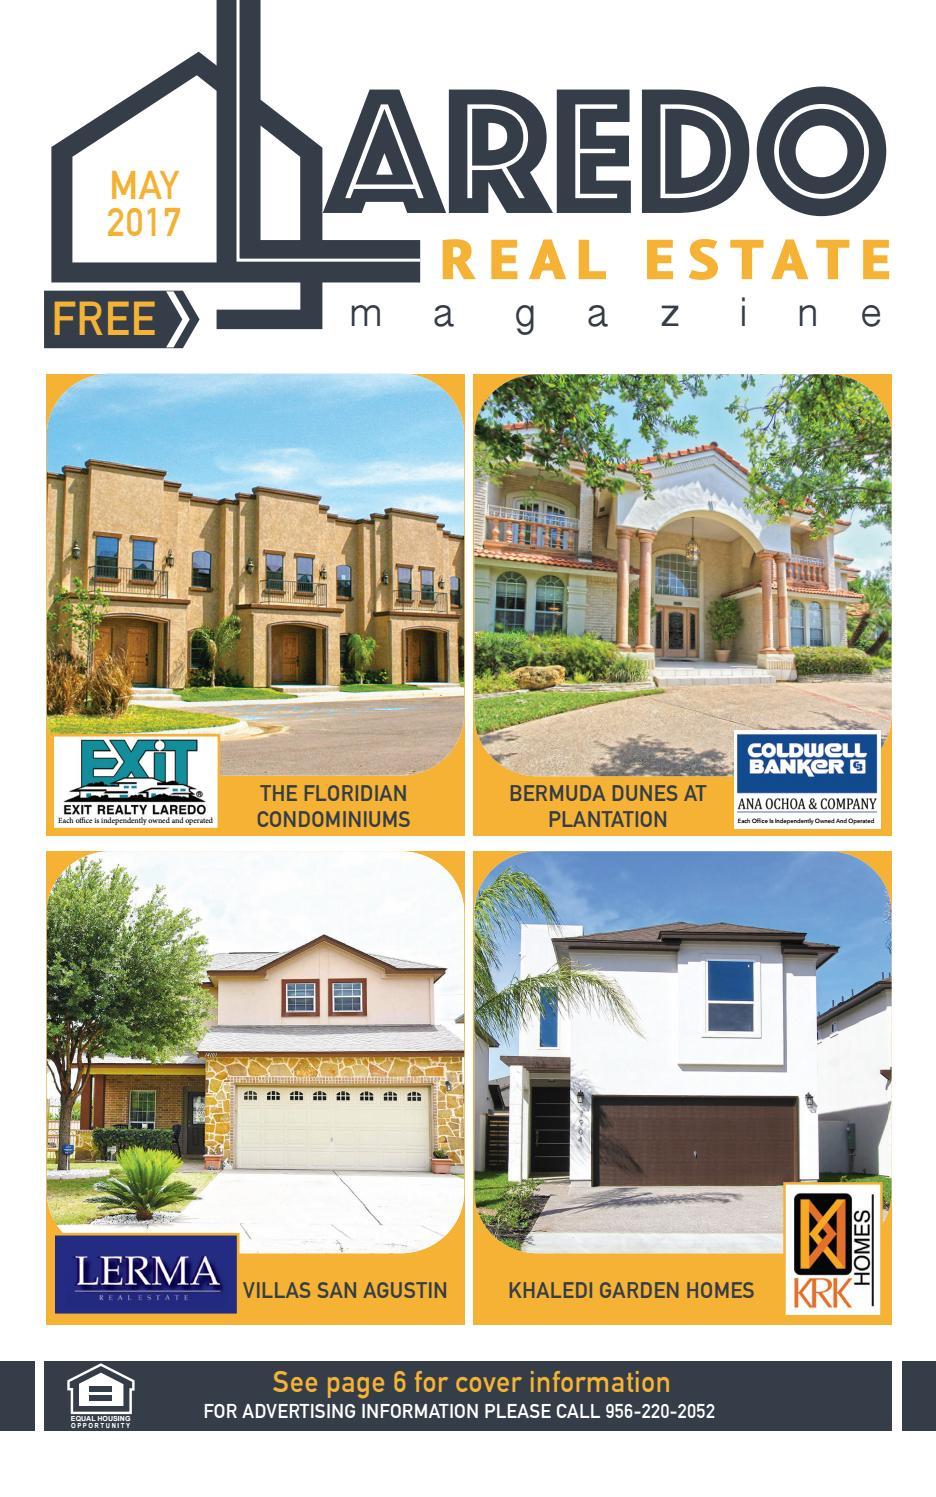 Laredo Real Estate Magazine May 2017 By Laredo Real Estate Magazine   Issuu